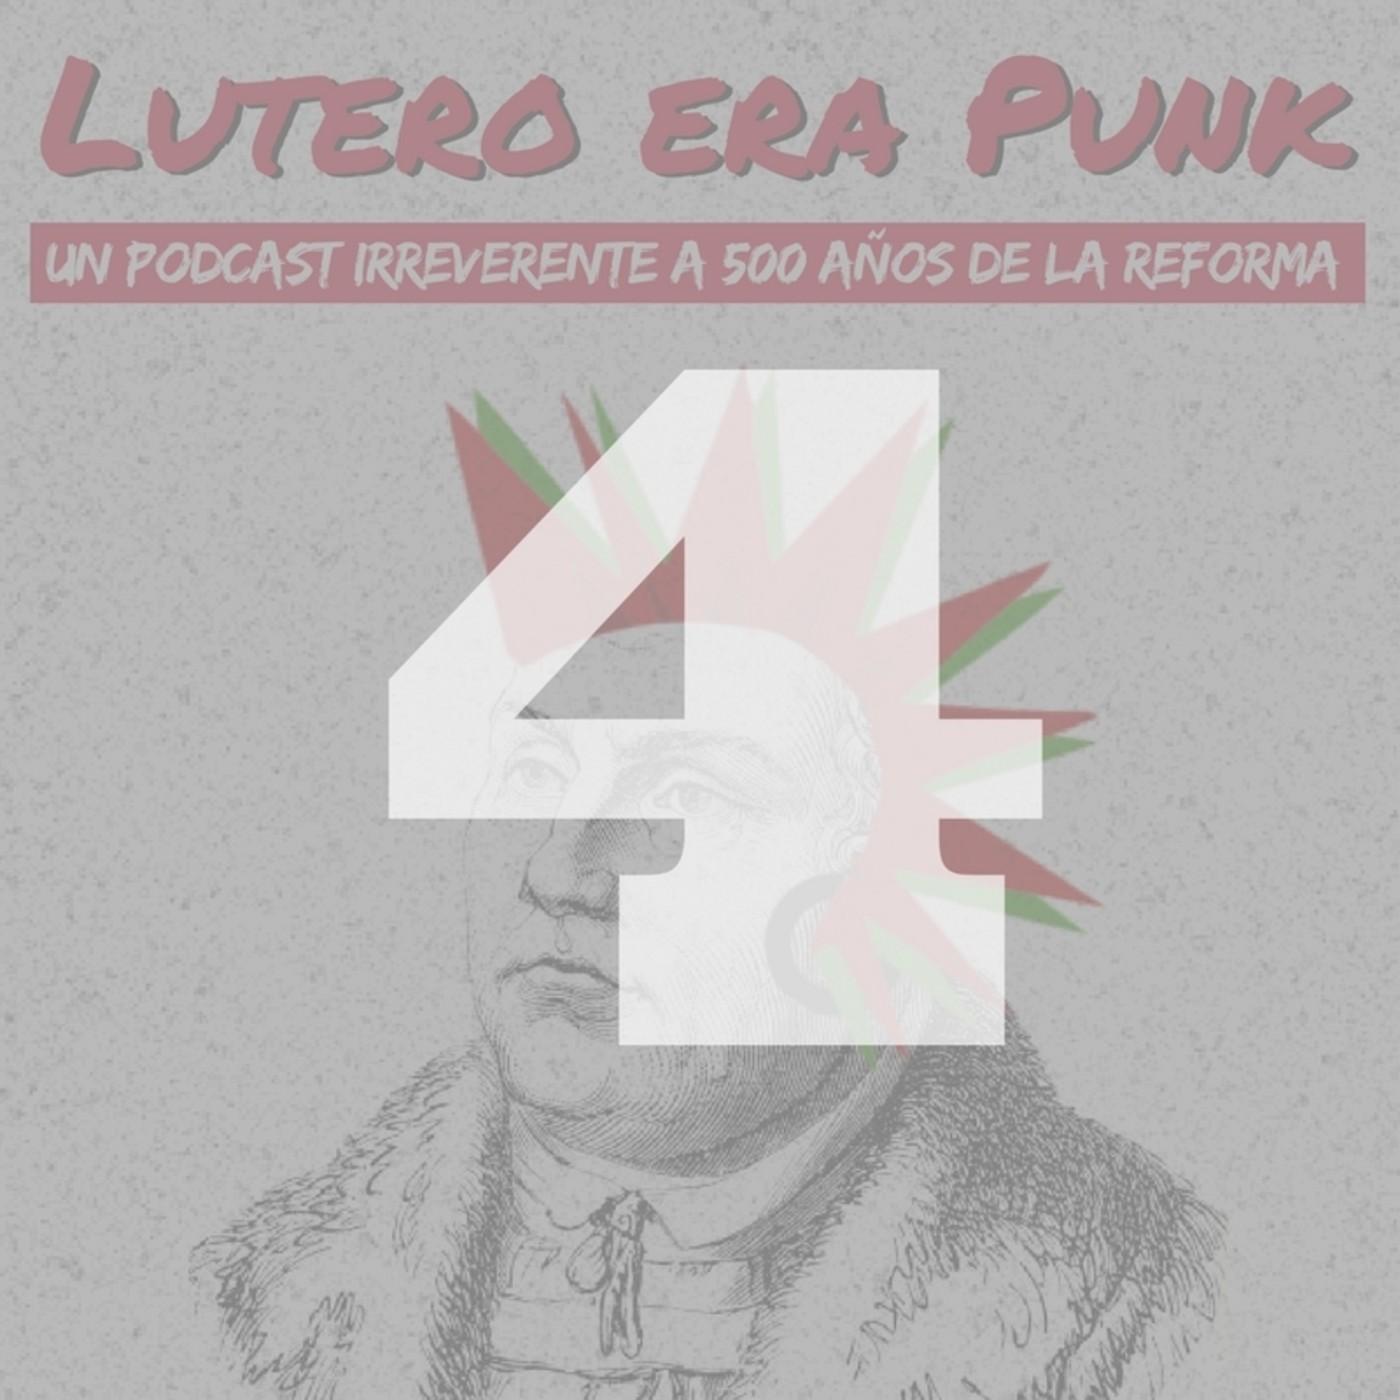 Lutero era punk | Capítulo 4